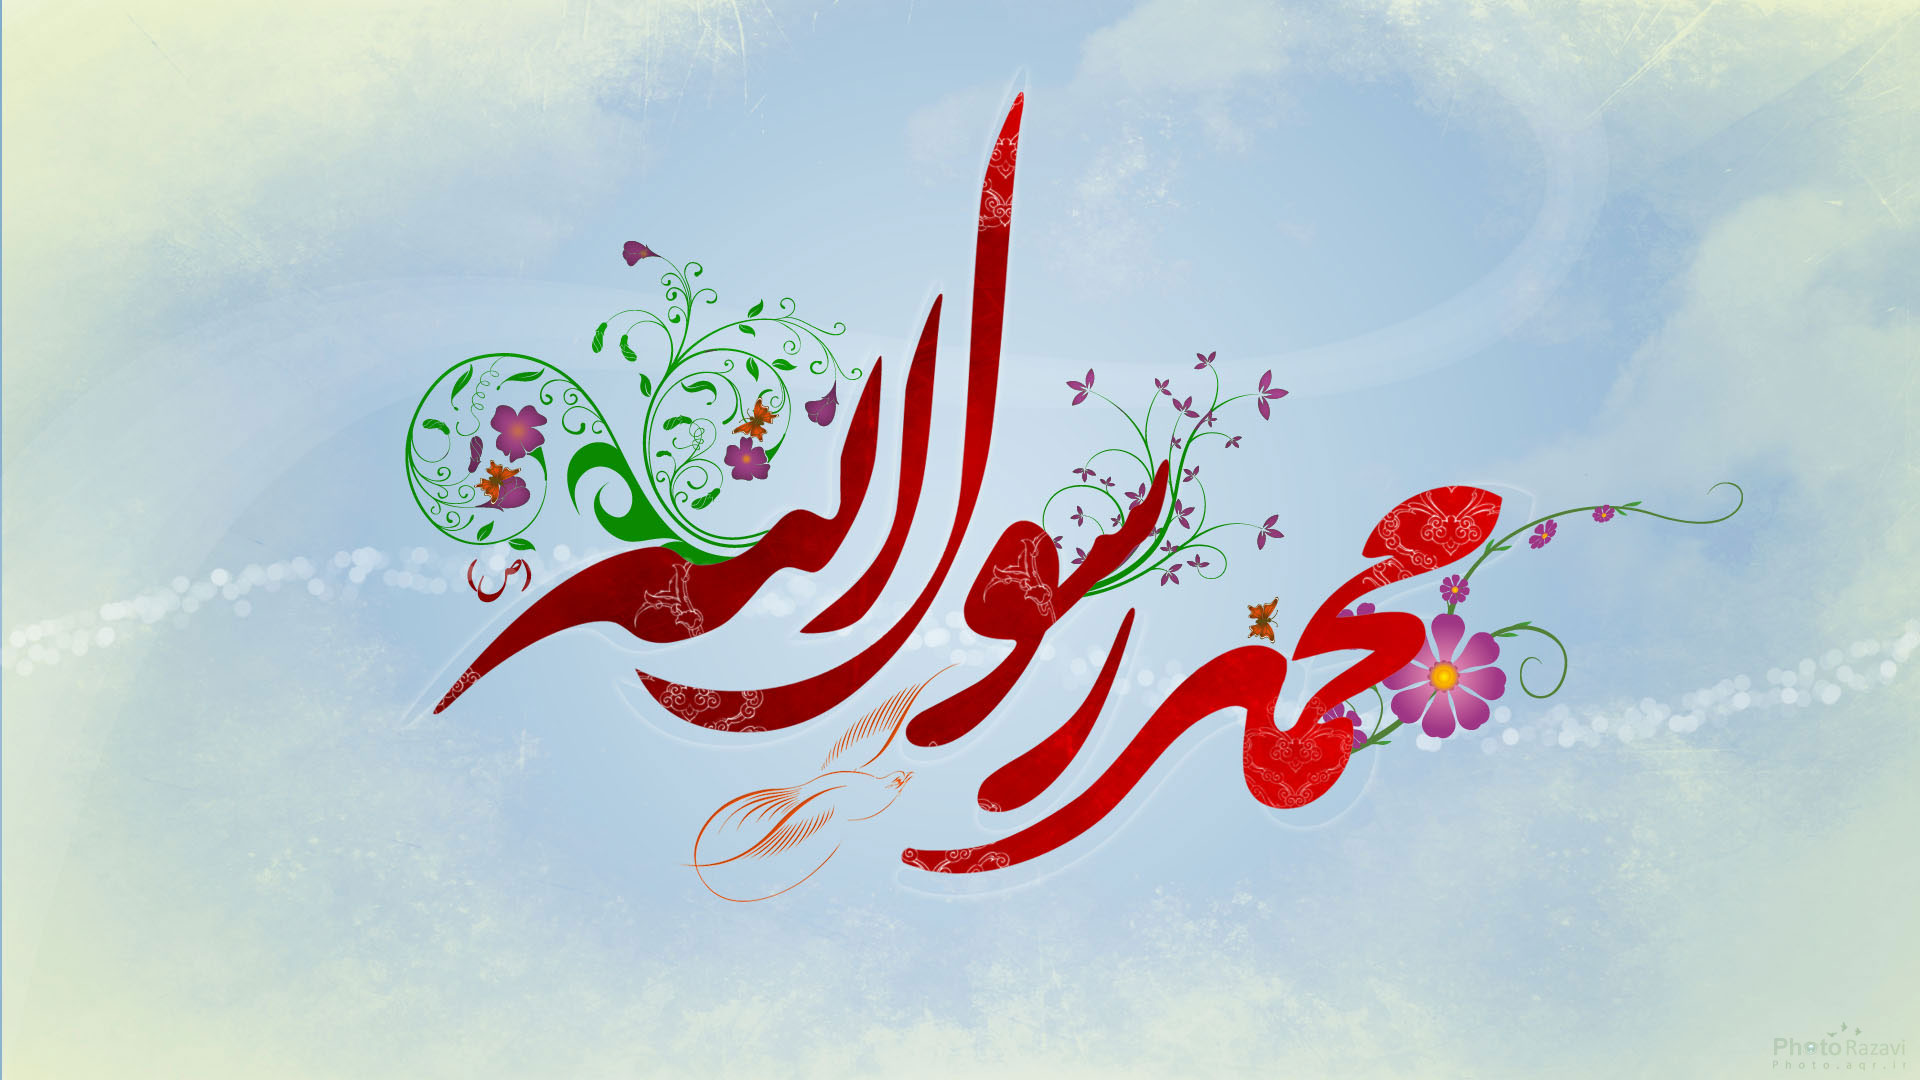 اهداف بعثت پیامبر اسلام(ص)از دیدگاه قرآن- پایگاه اینترنتی دانستنی در ایران